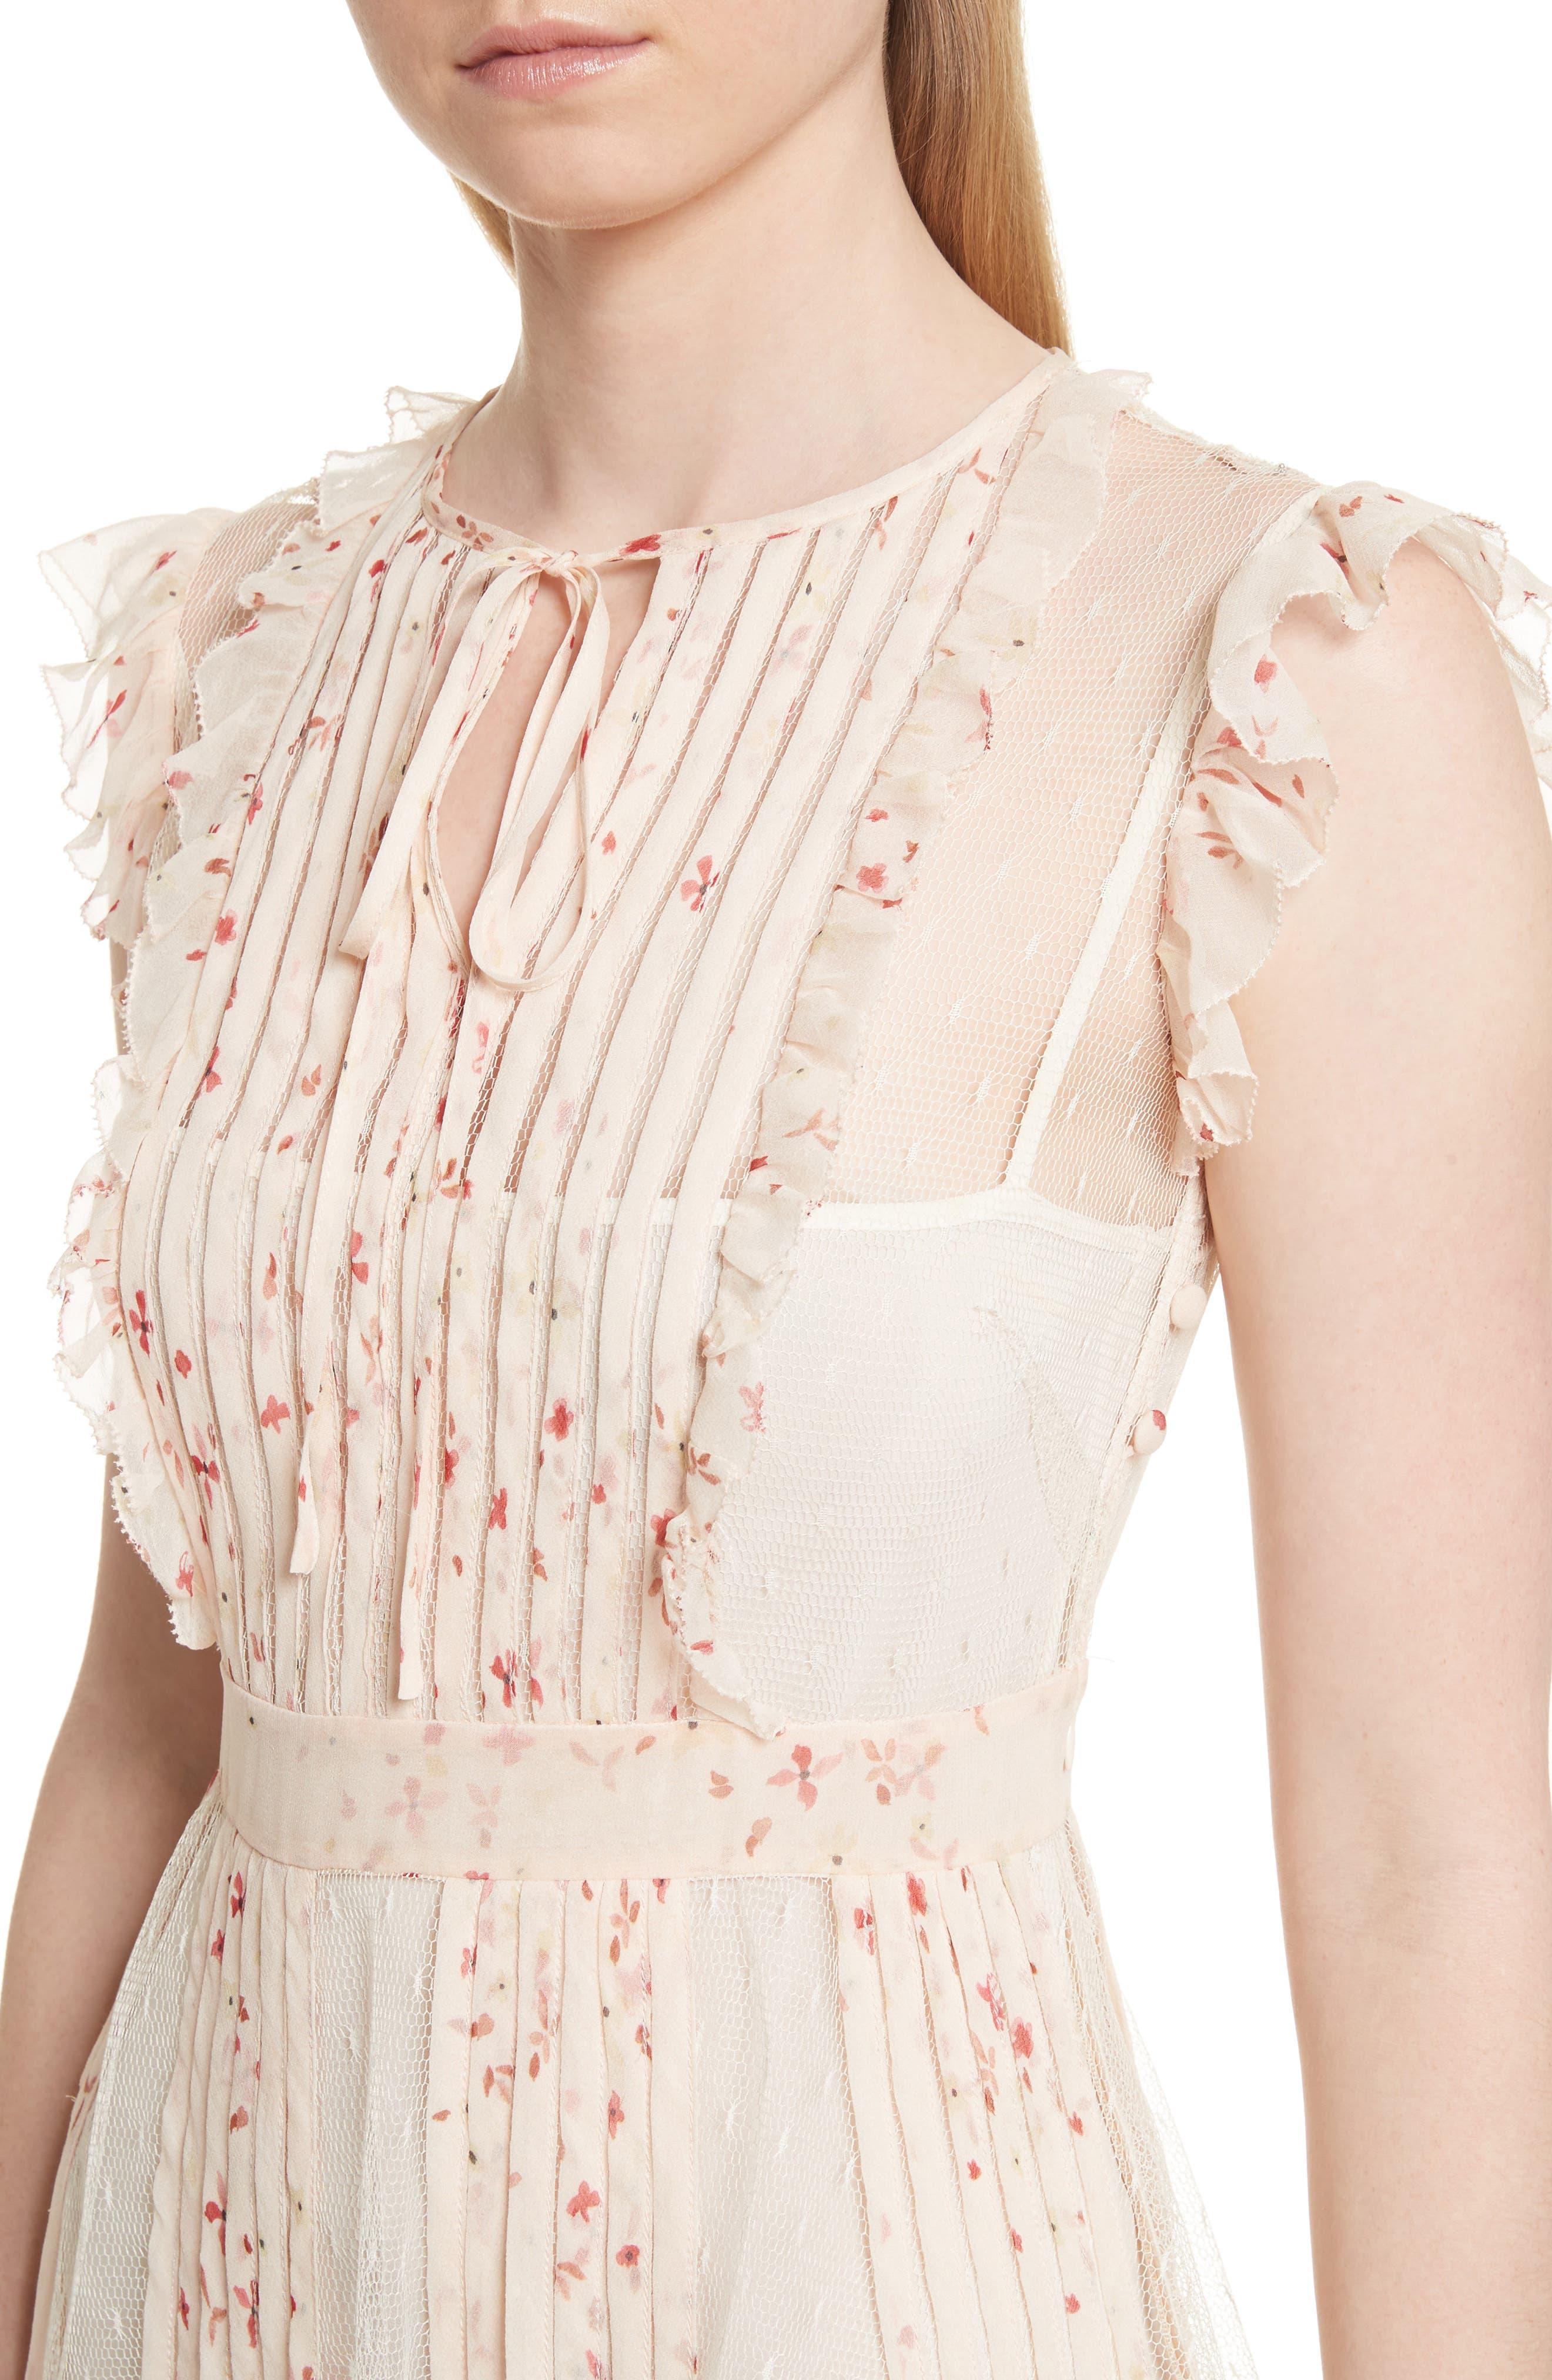 Point dEsprit Ruffle Trim Dress,                             Alternate thumbnail 4, color,                             900